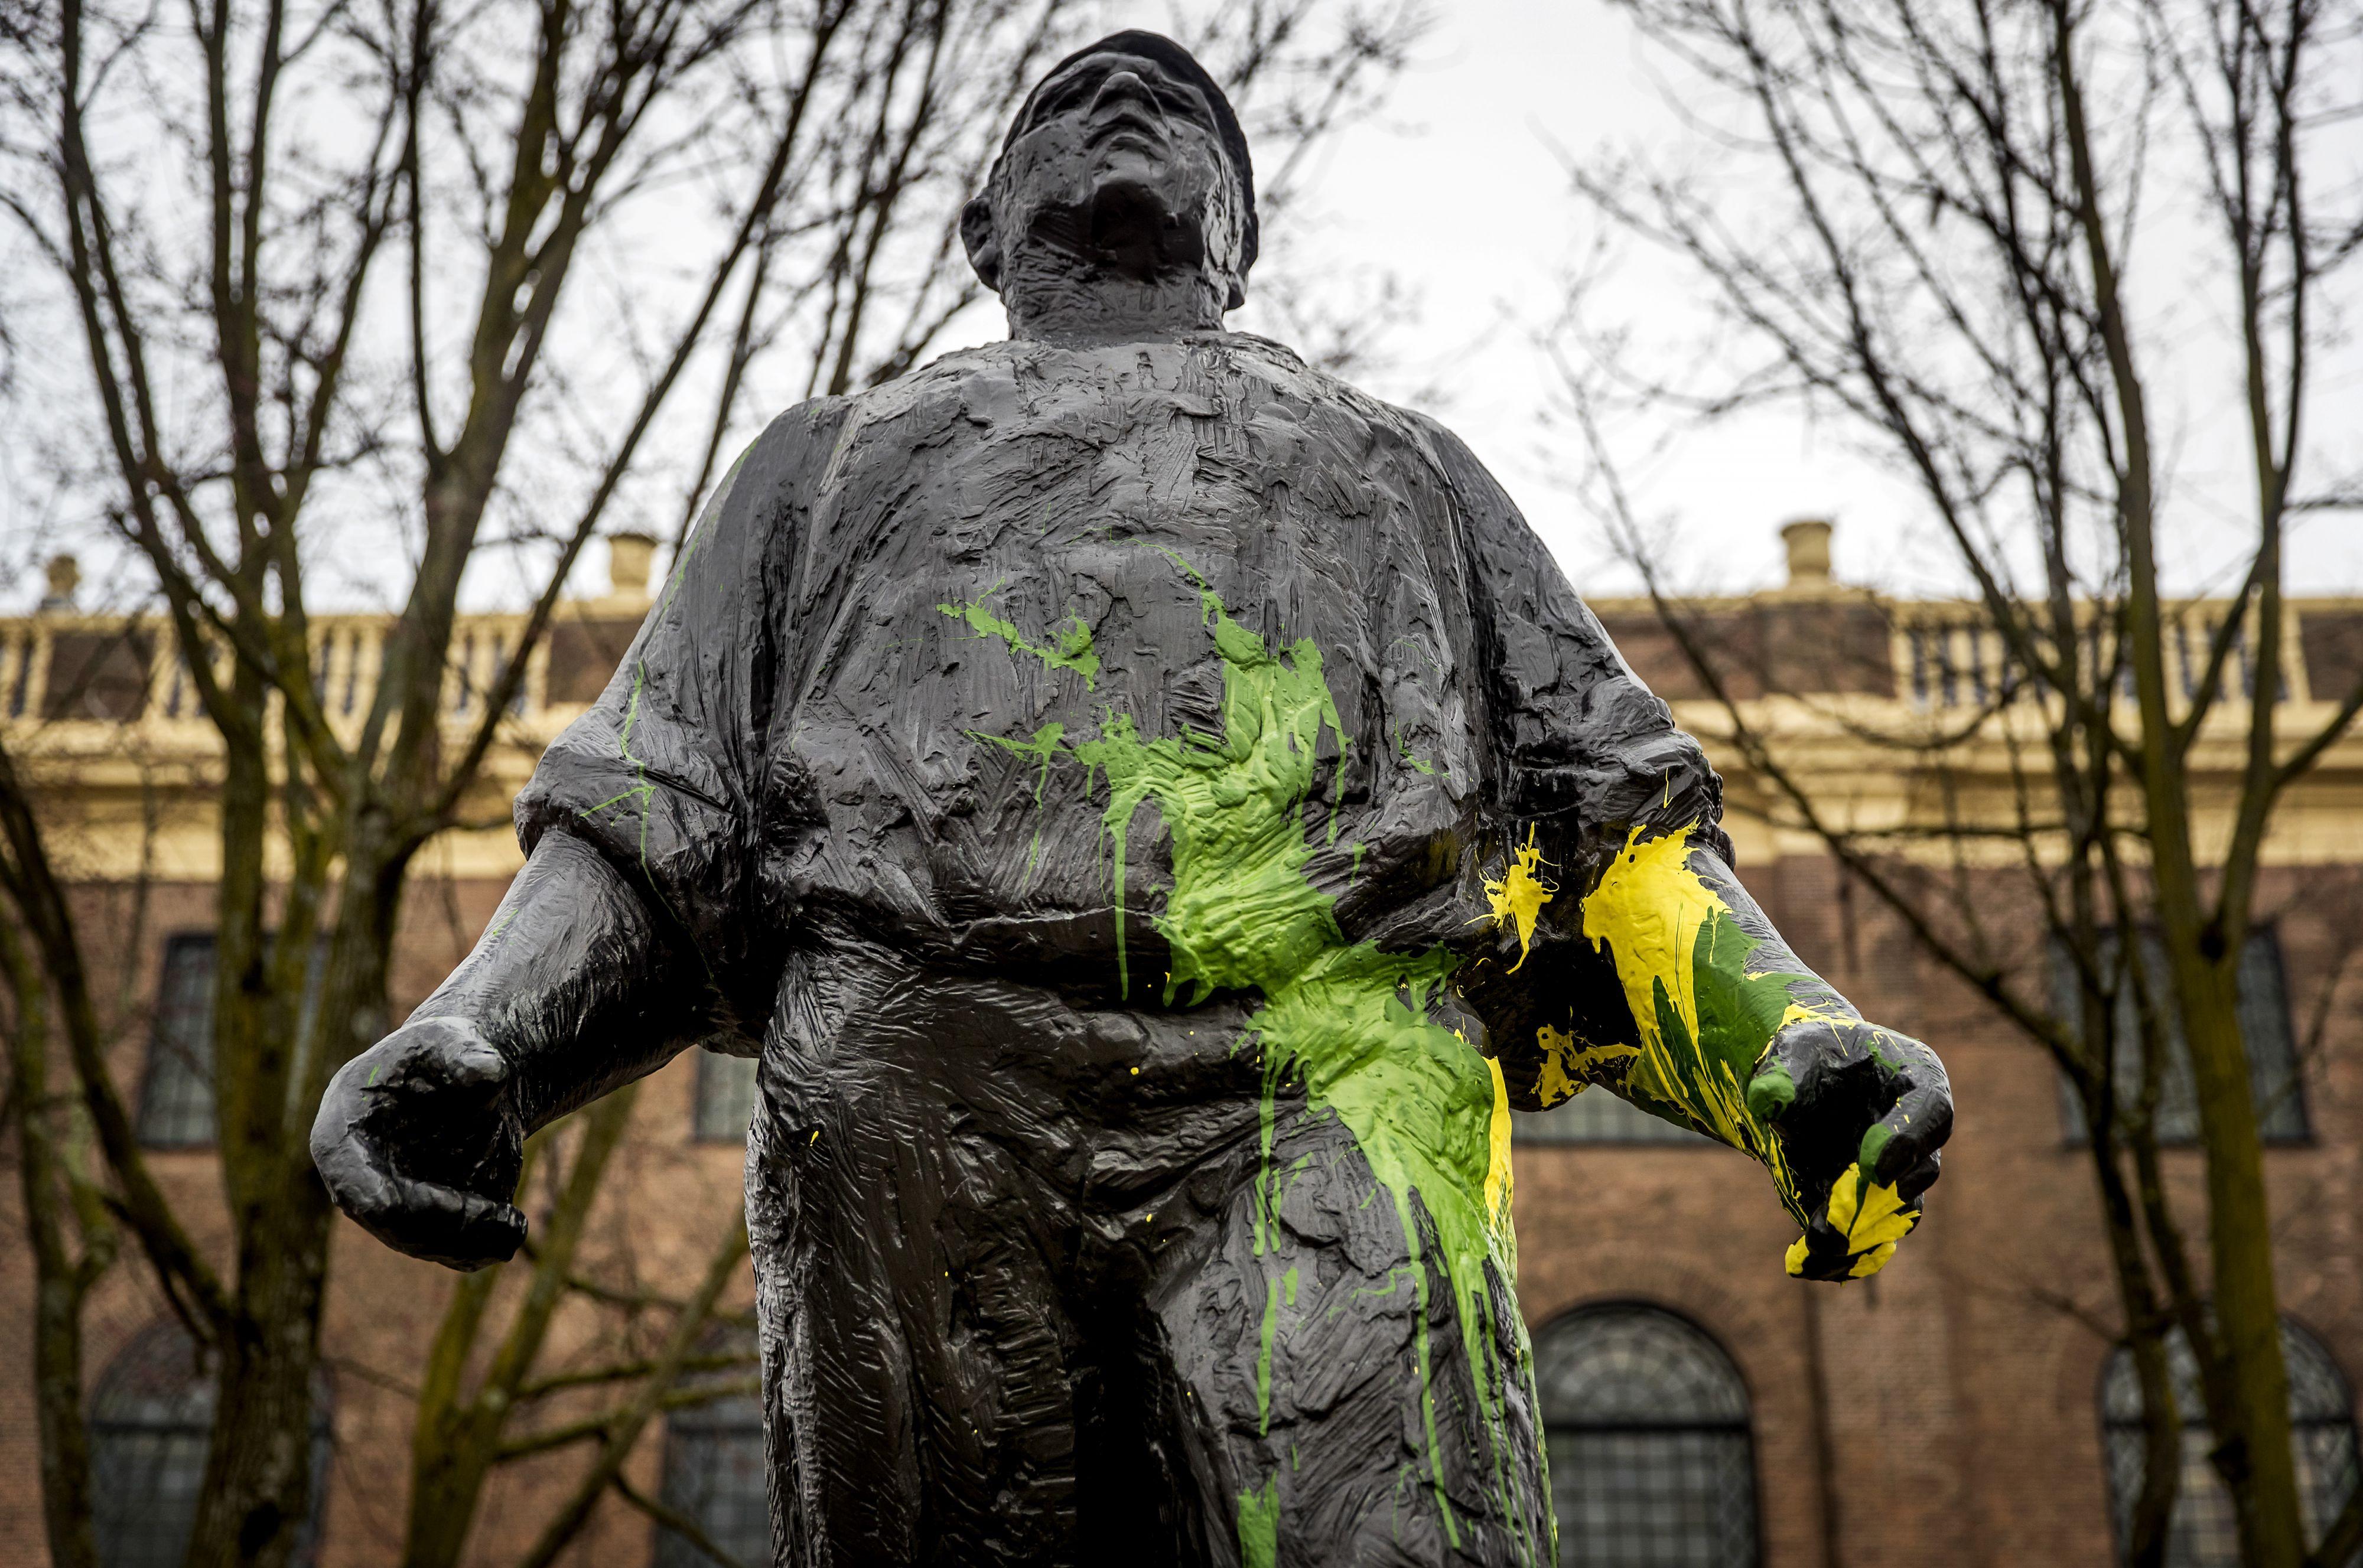 Kans op onrust in Den Haag door Ajax-demonstratie